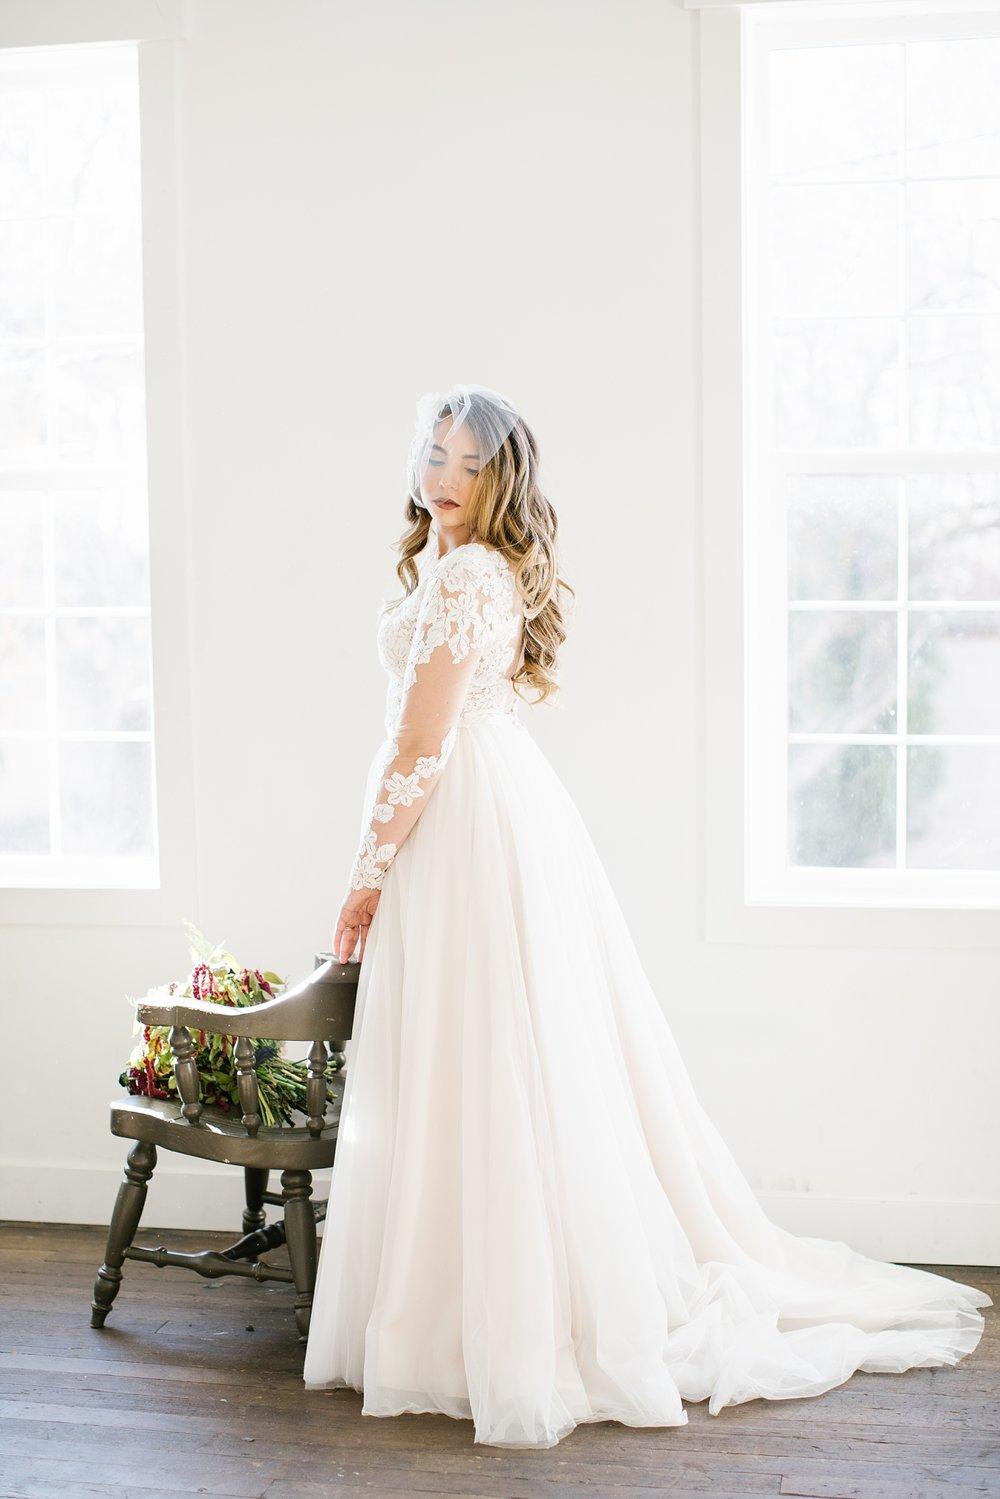 748A1178-Edit-67_Lizzie-B-Imagery-Utah-Wedding-Photographer-Park-City-Wedding-Photographer-The-Loft-Studio-Lehi-Utah.jpg